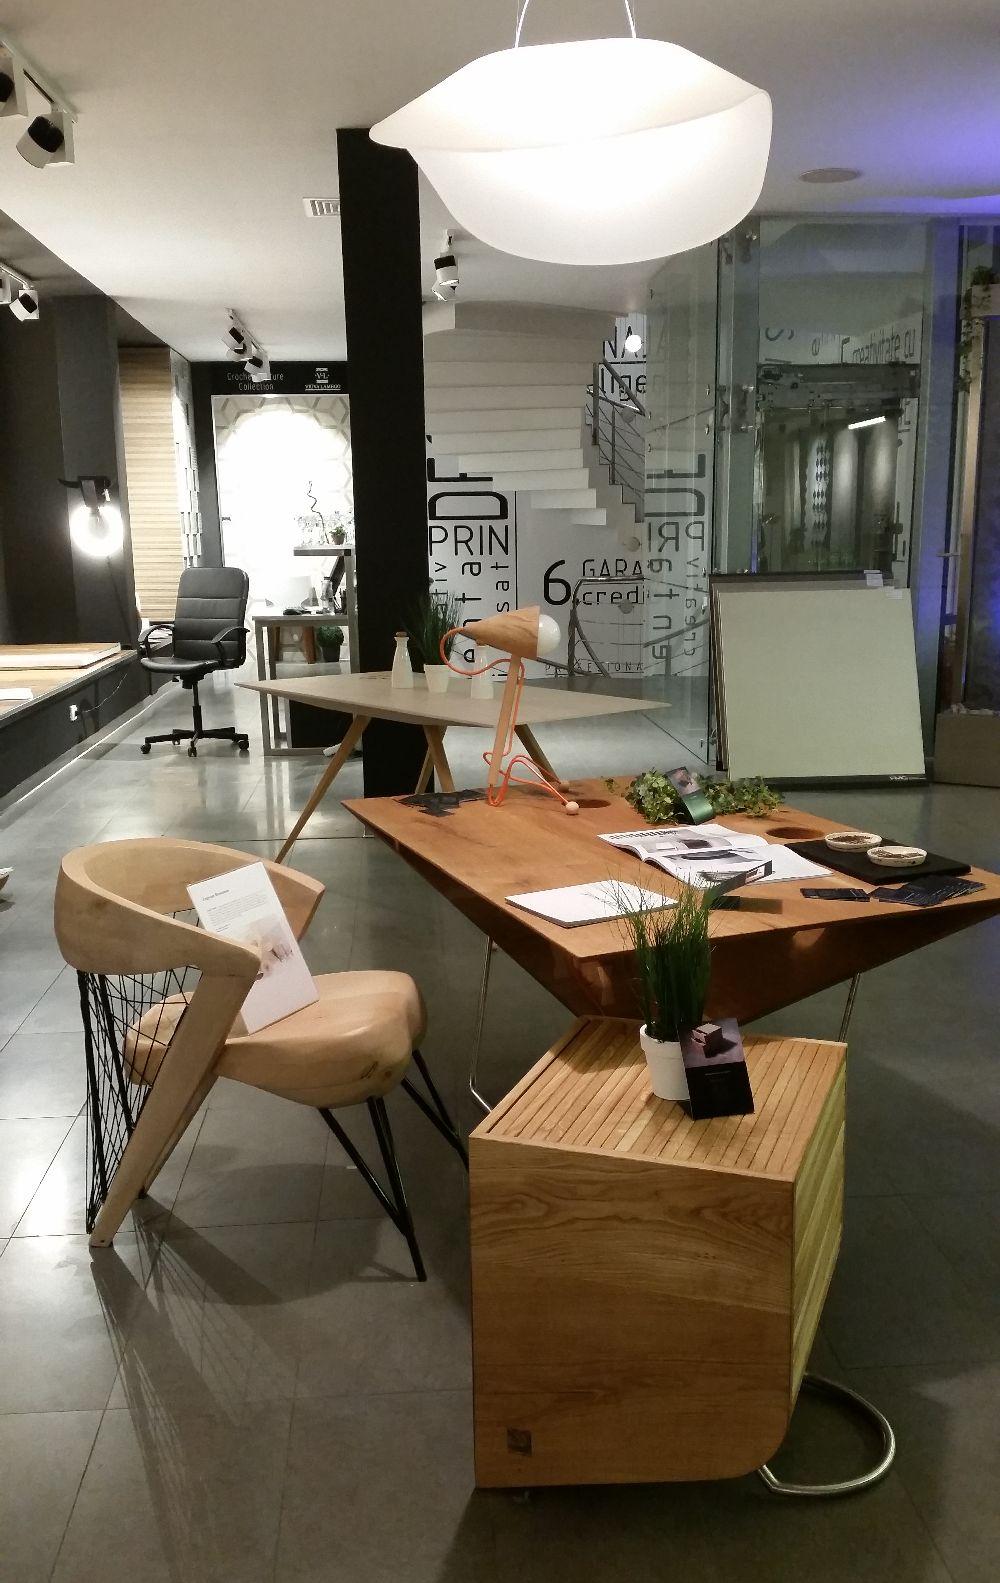 adelaparvu.com despre Delta Design Expo 2015, Scaun Beniamin Zagrean, masa Silva Artis